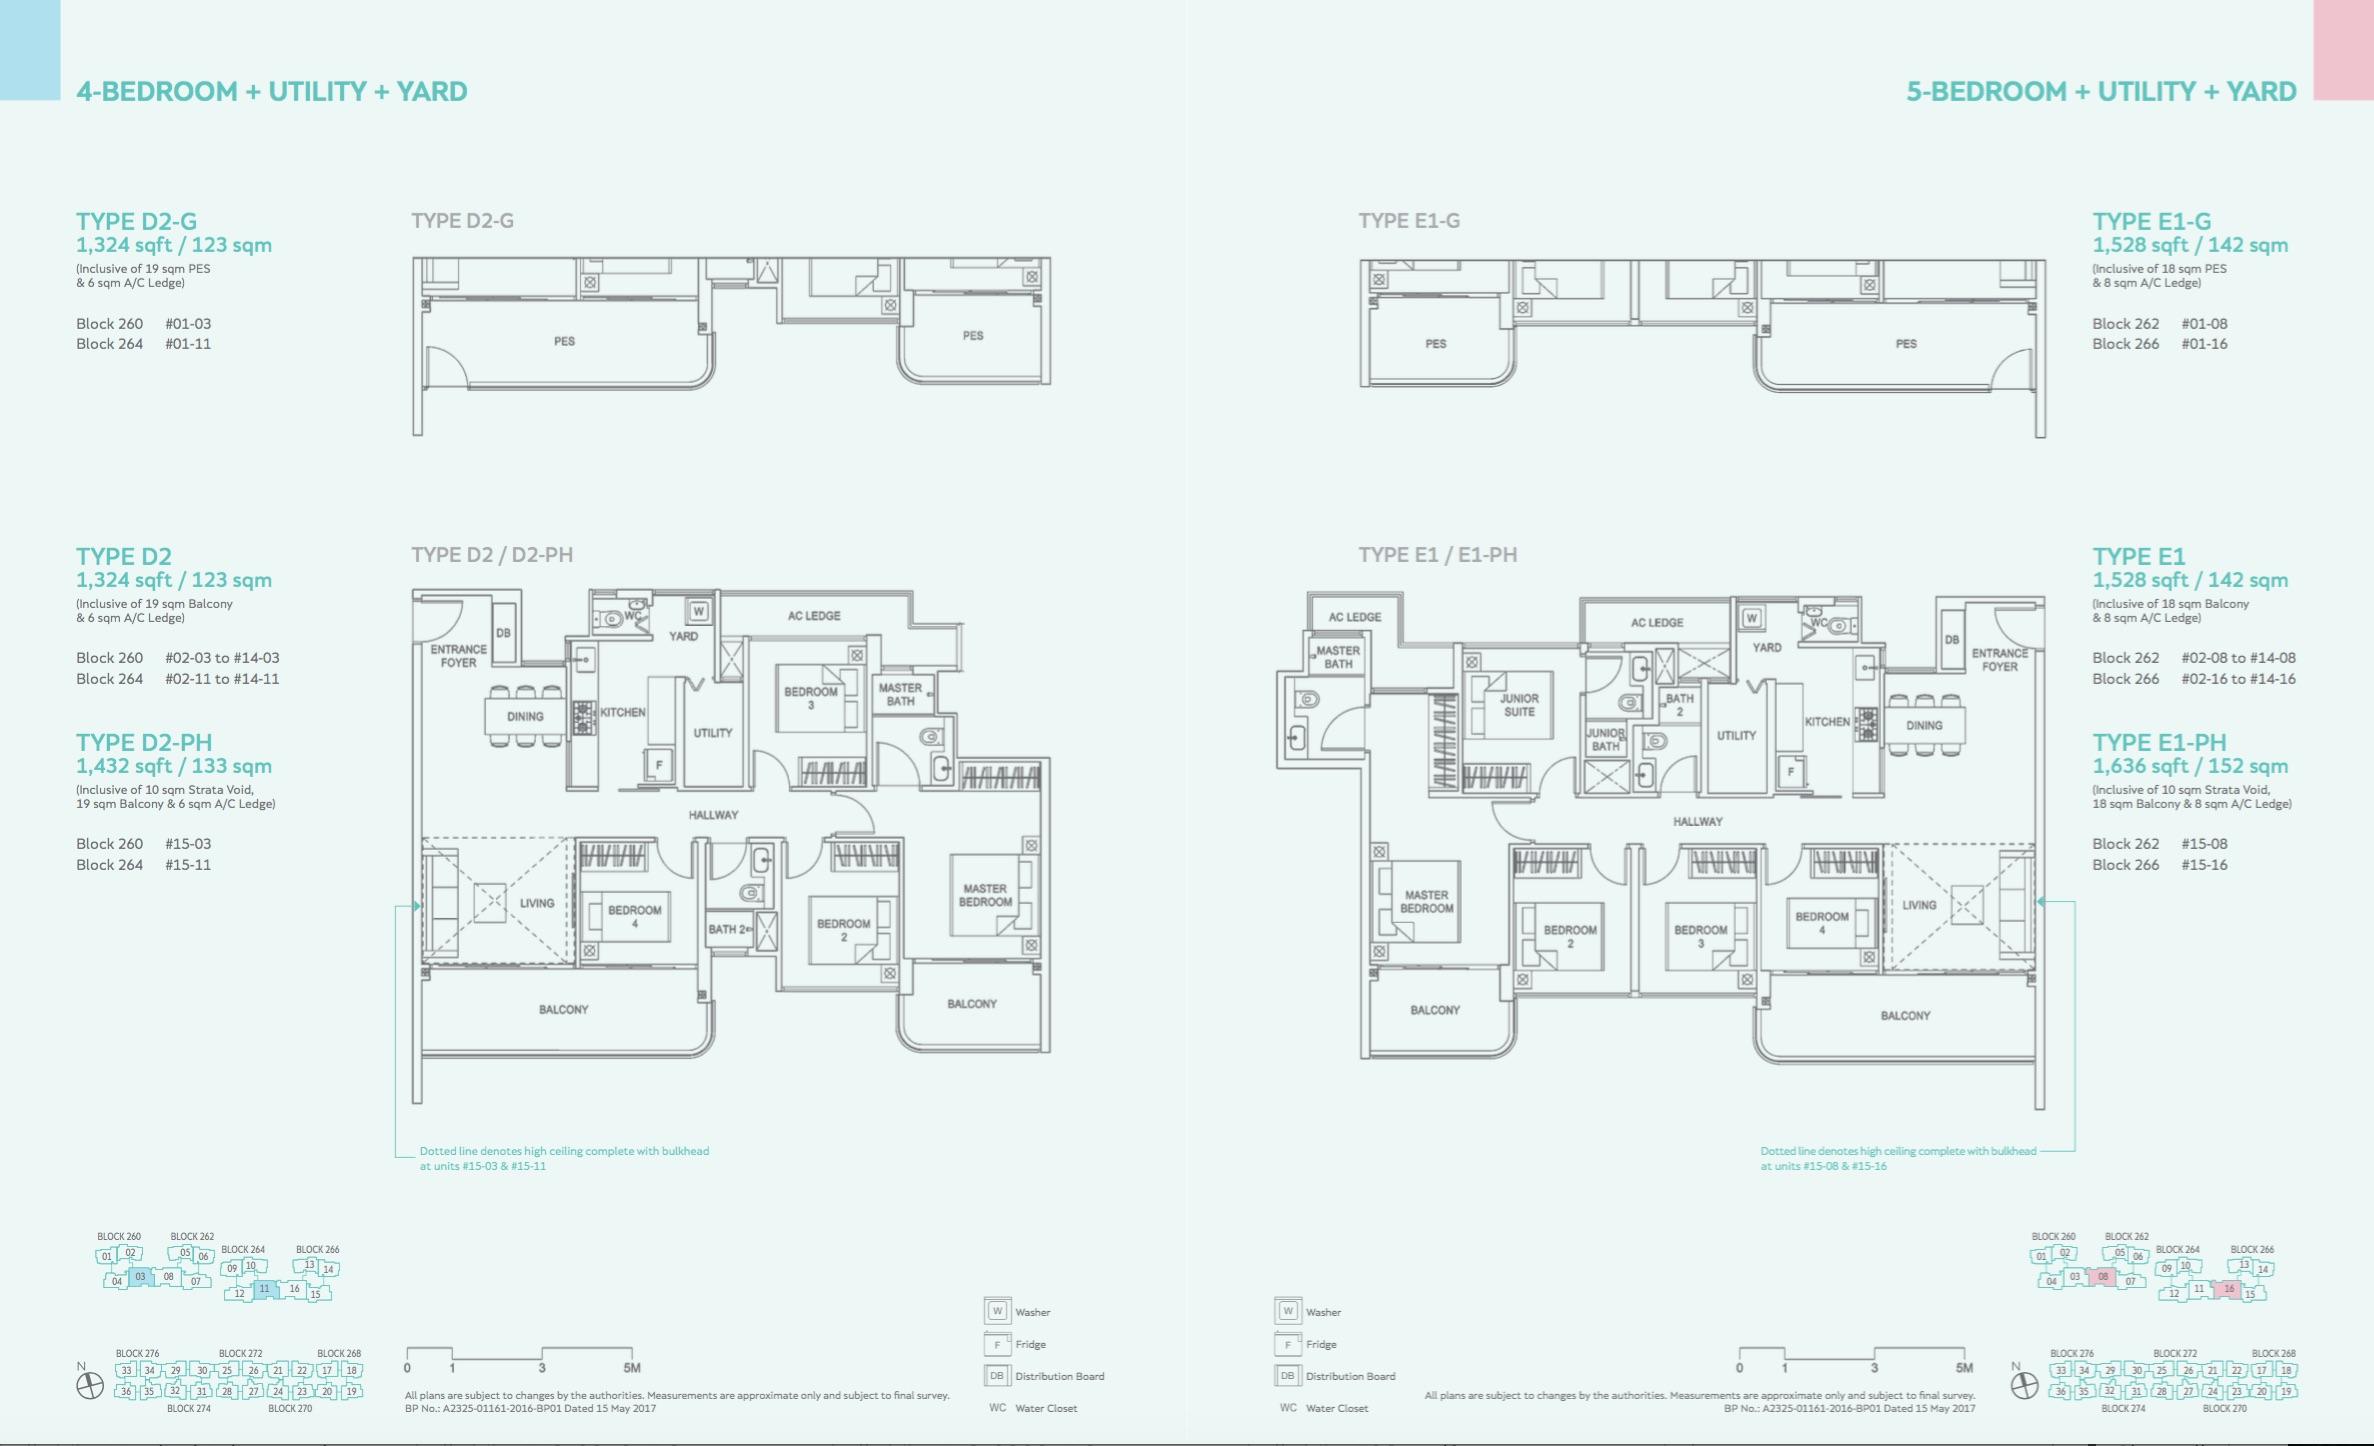 4 Bedroom / 5 Bedroom